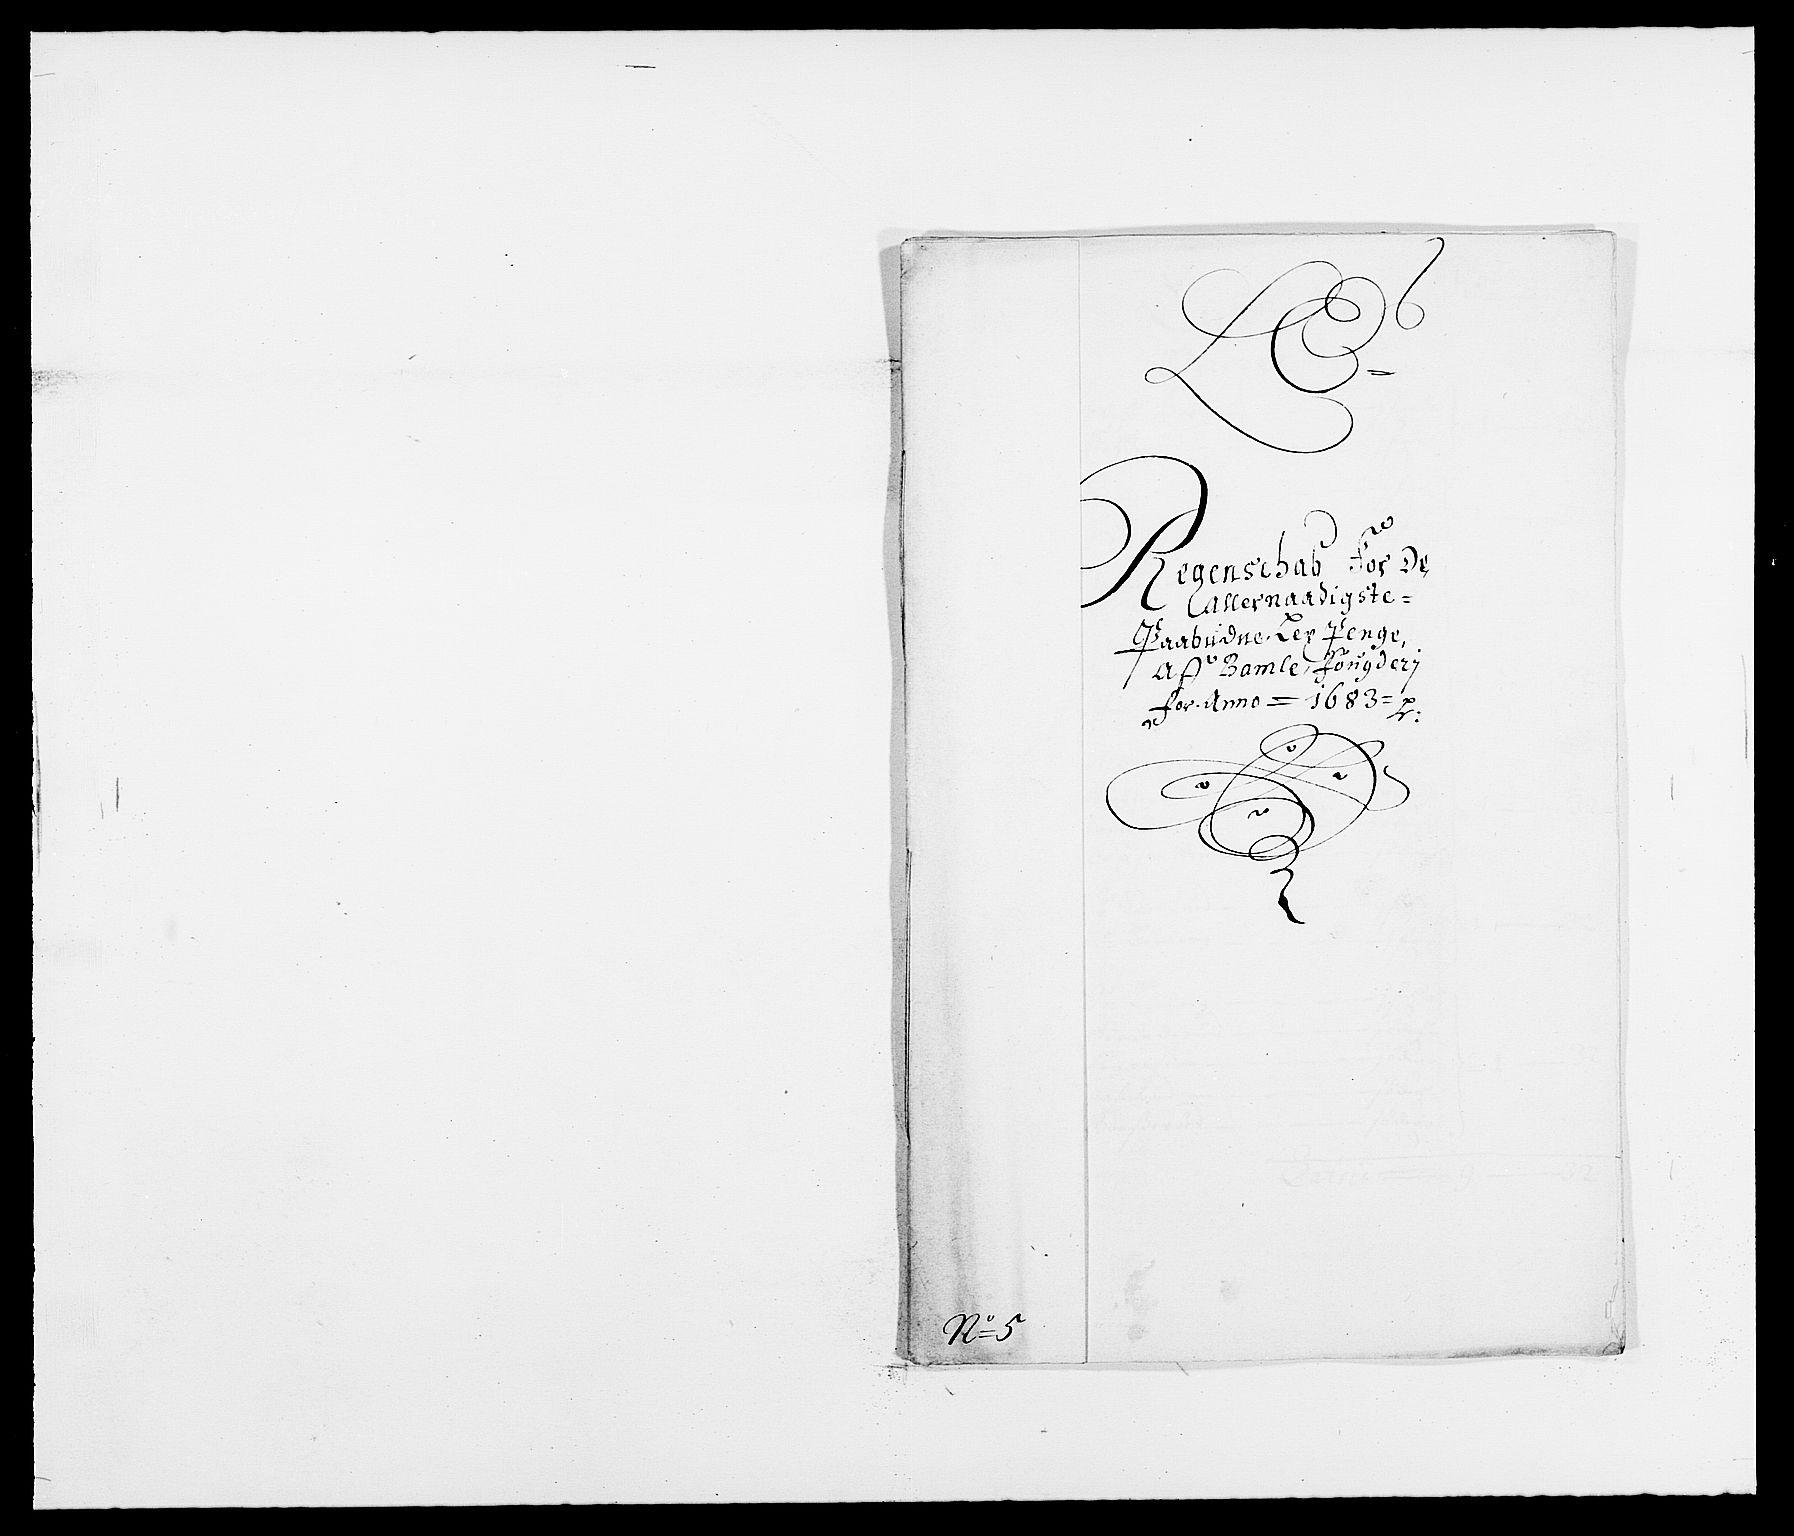 RA, Rentekammeret inntil 1814, Reviderte regnskaper, Fogderegnskap, R34/L2046: Fogderegnskap Bamble, 1682-1683, s. 327